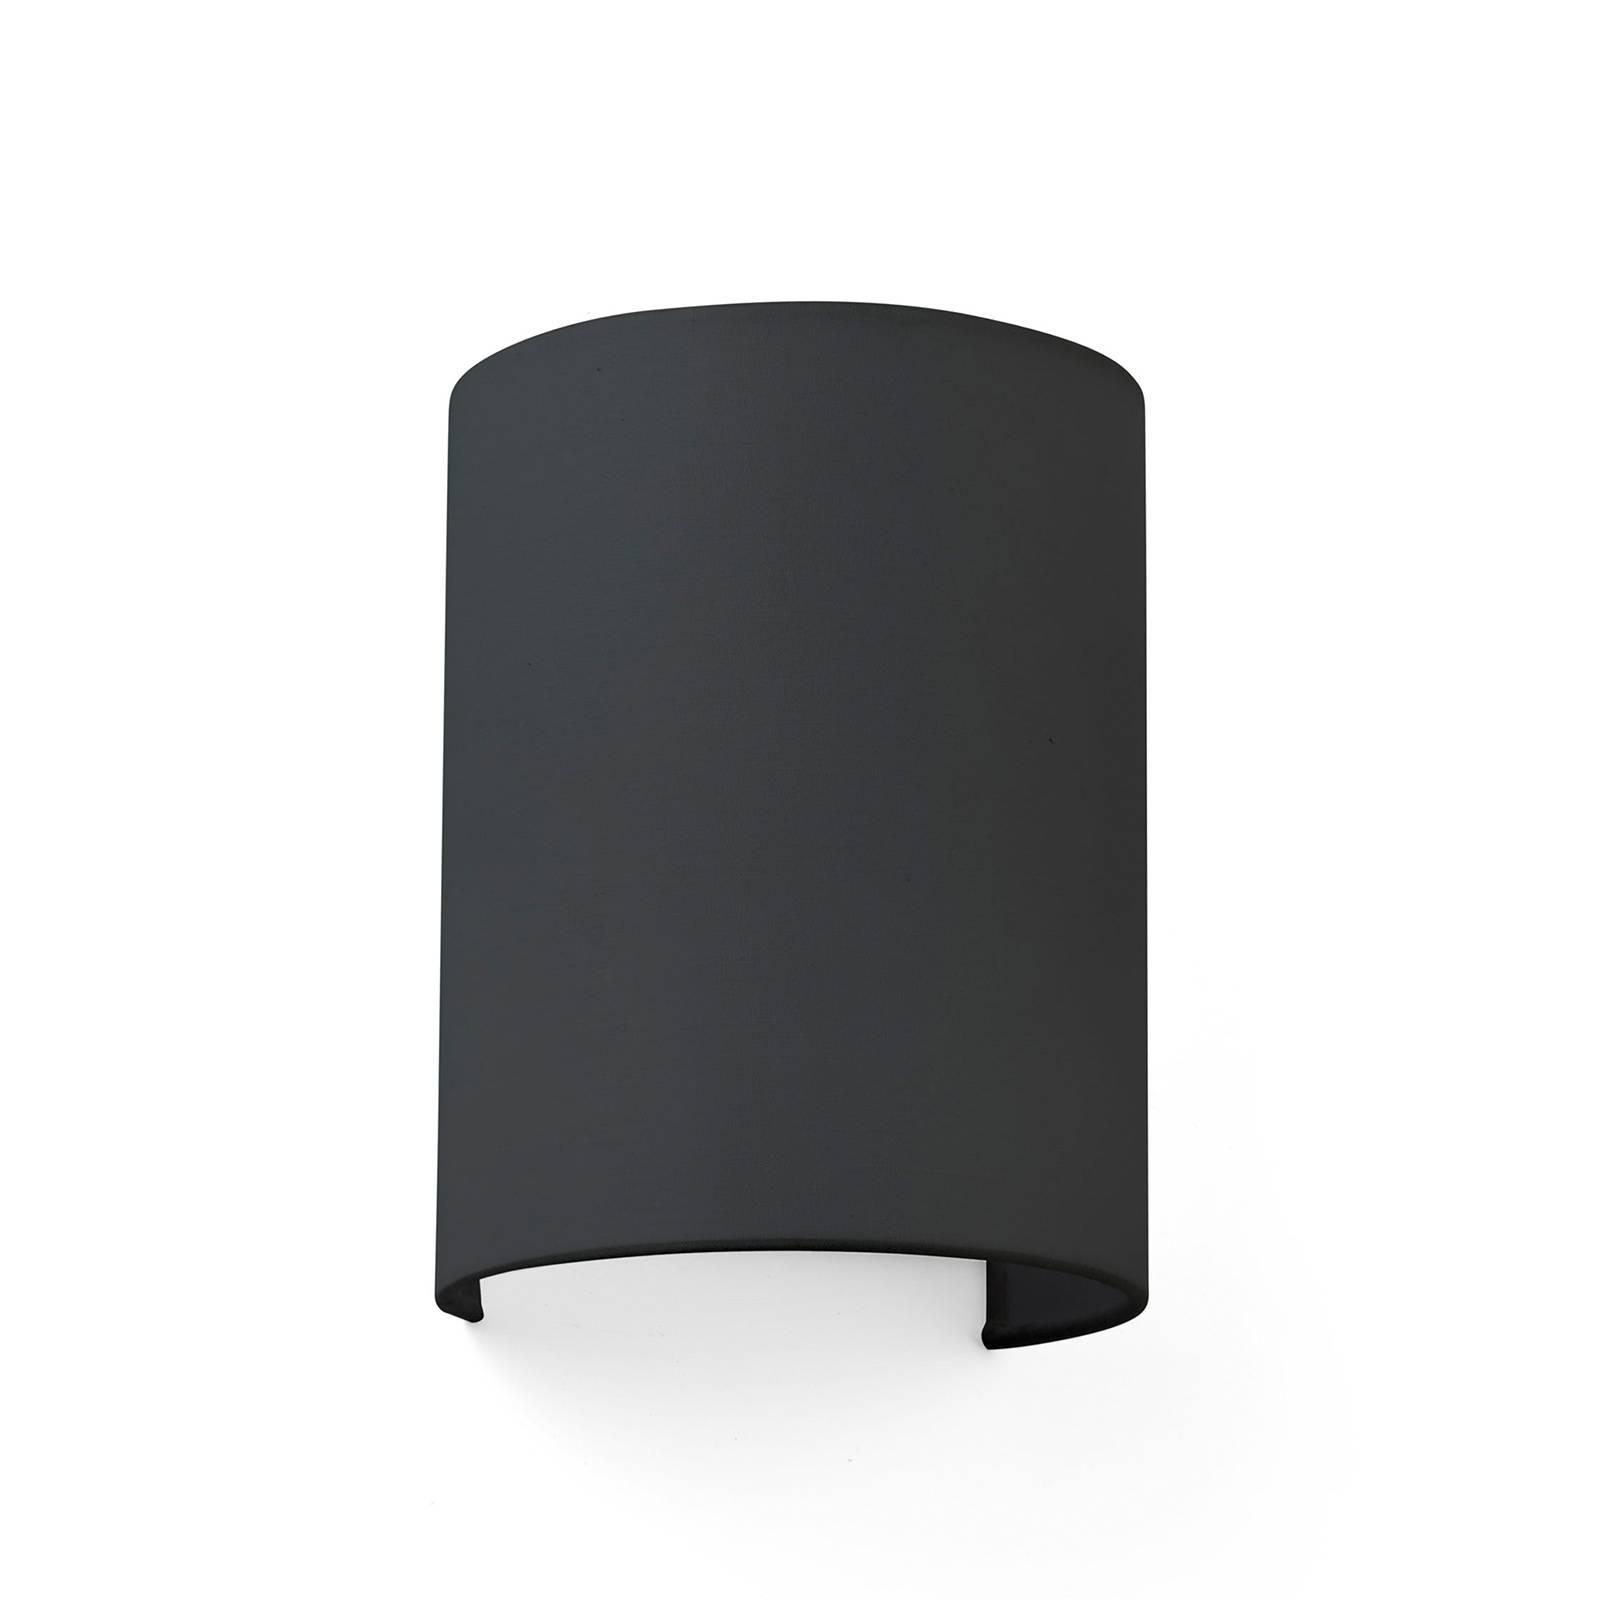 Billede af Cotton væglampe, buet, 20 x 15 cm, sort